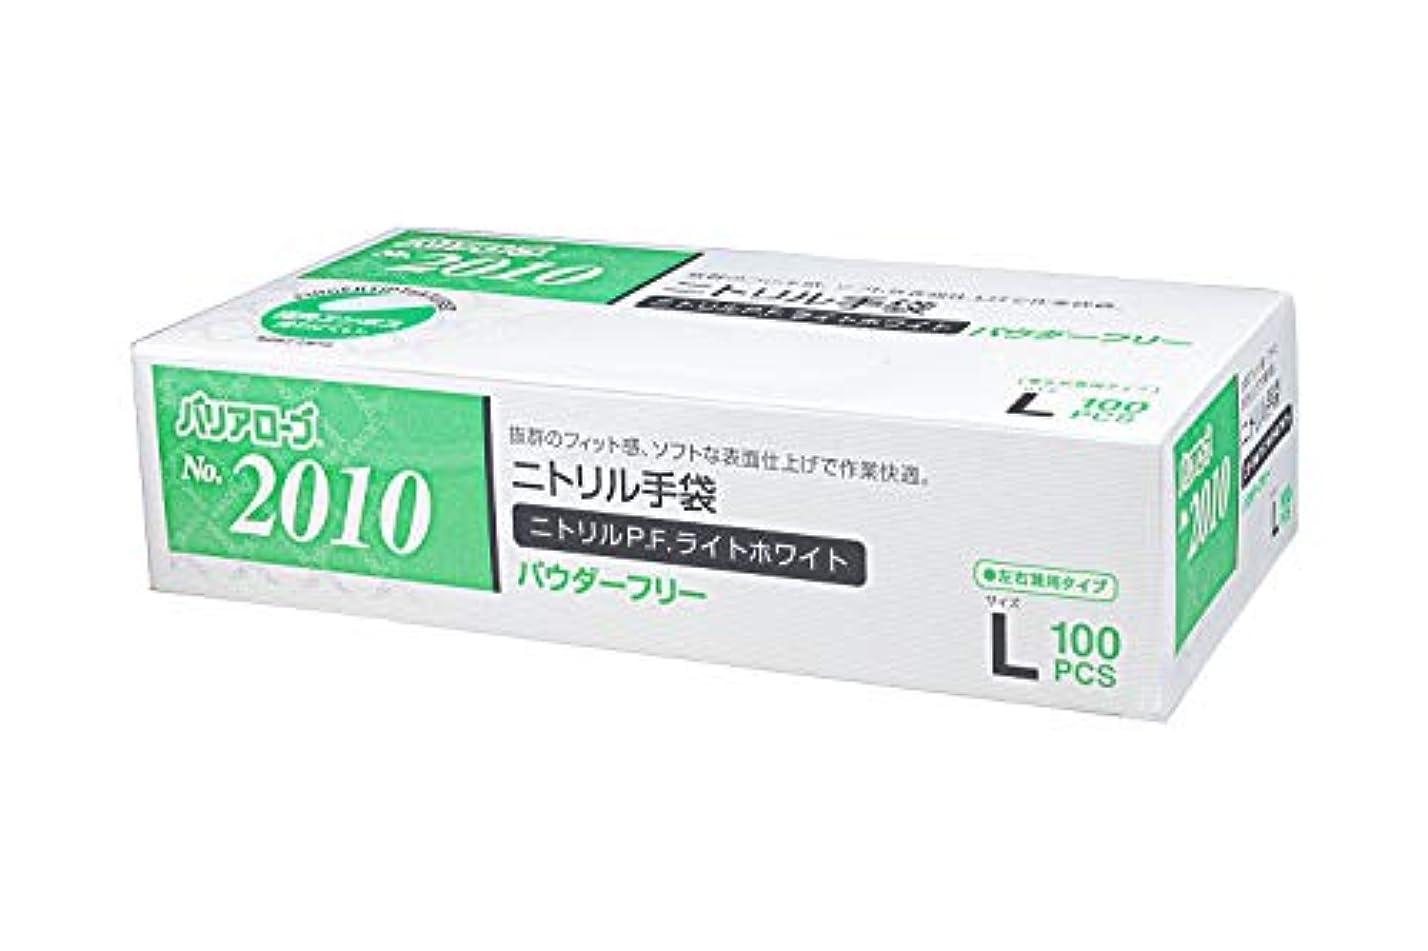 める再び適切に【ケース販売】 バリアローブ №2010 ニトリルP.F.ライト ホワイト (パウダーフリー) L 2000枚(100枚×20箱)